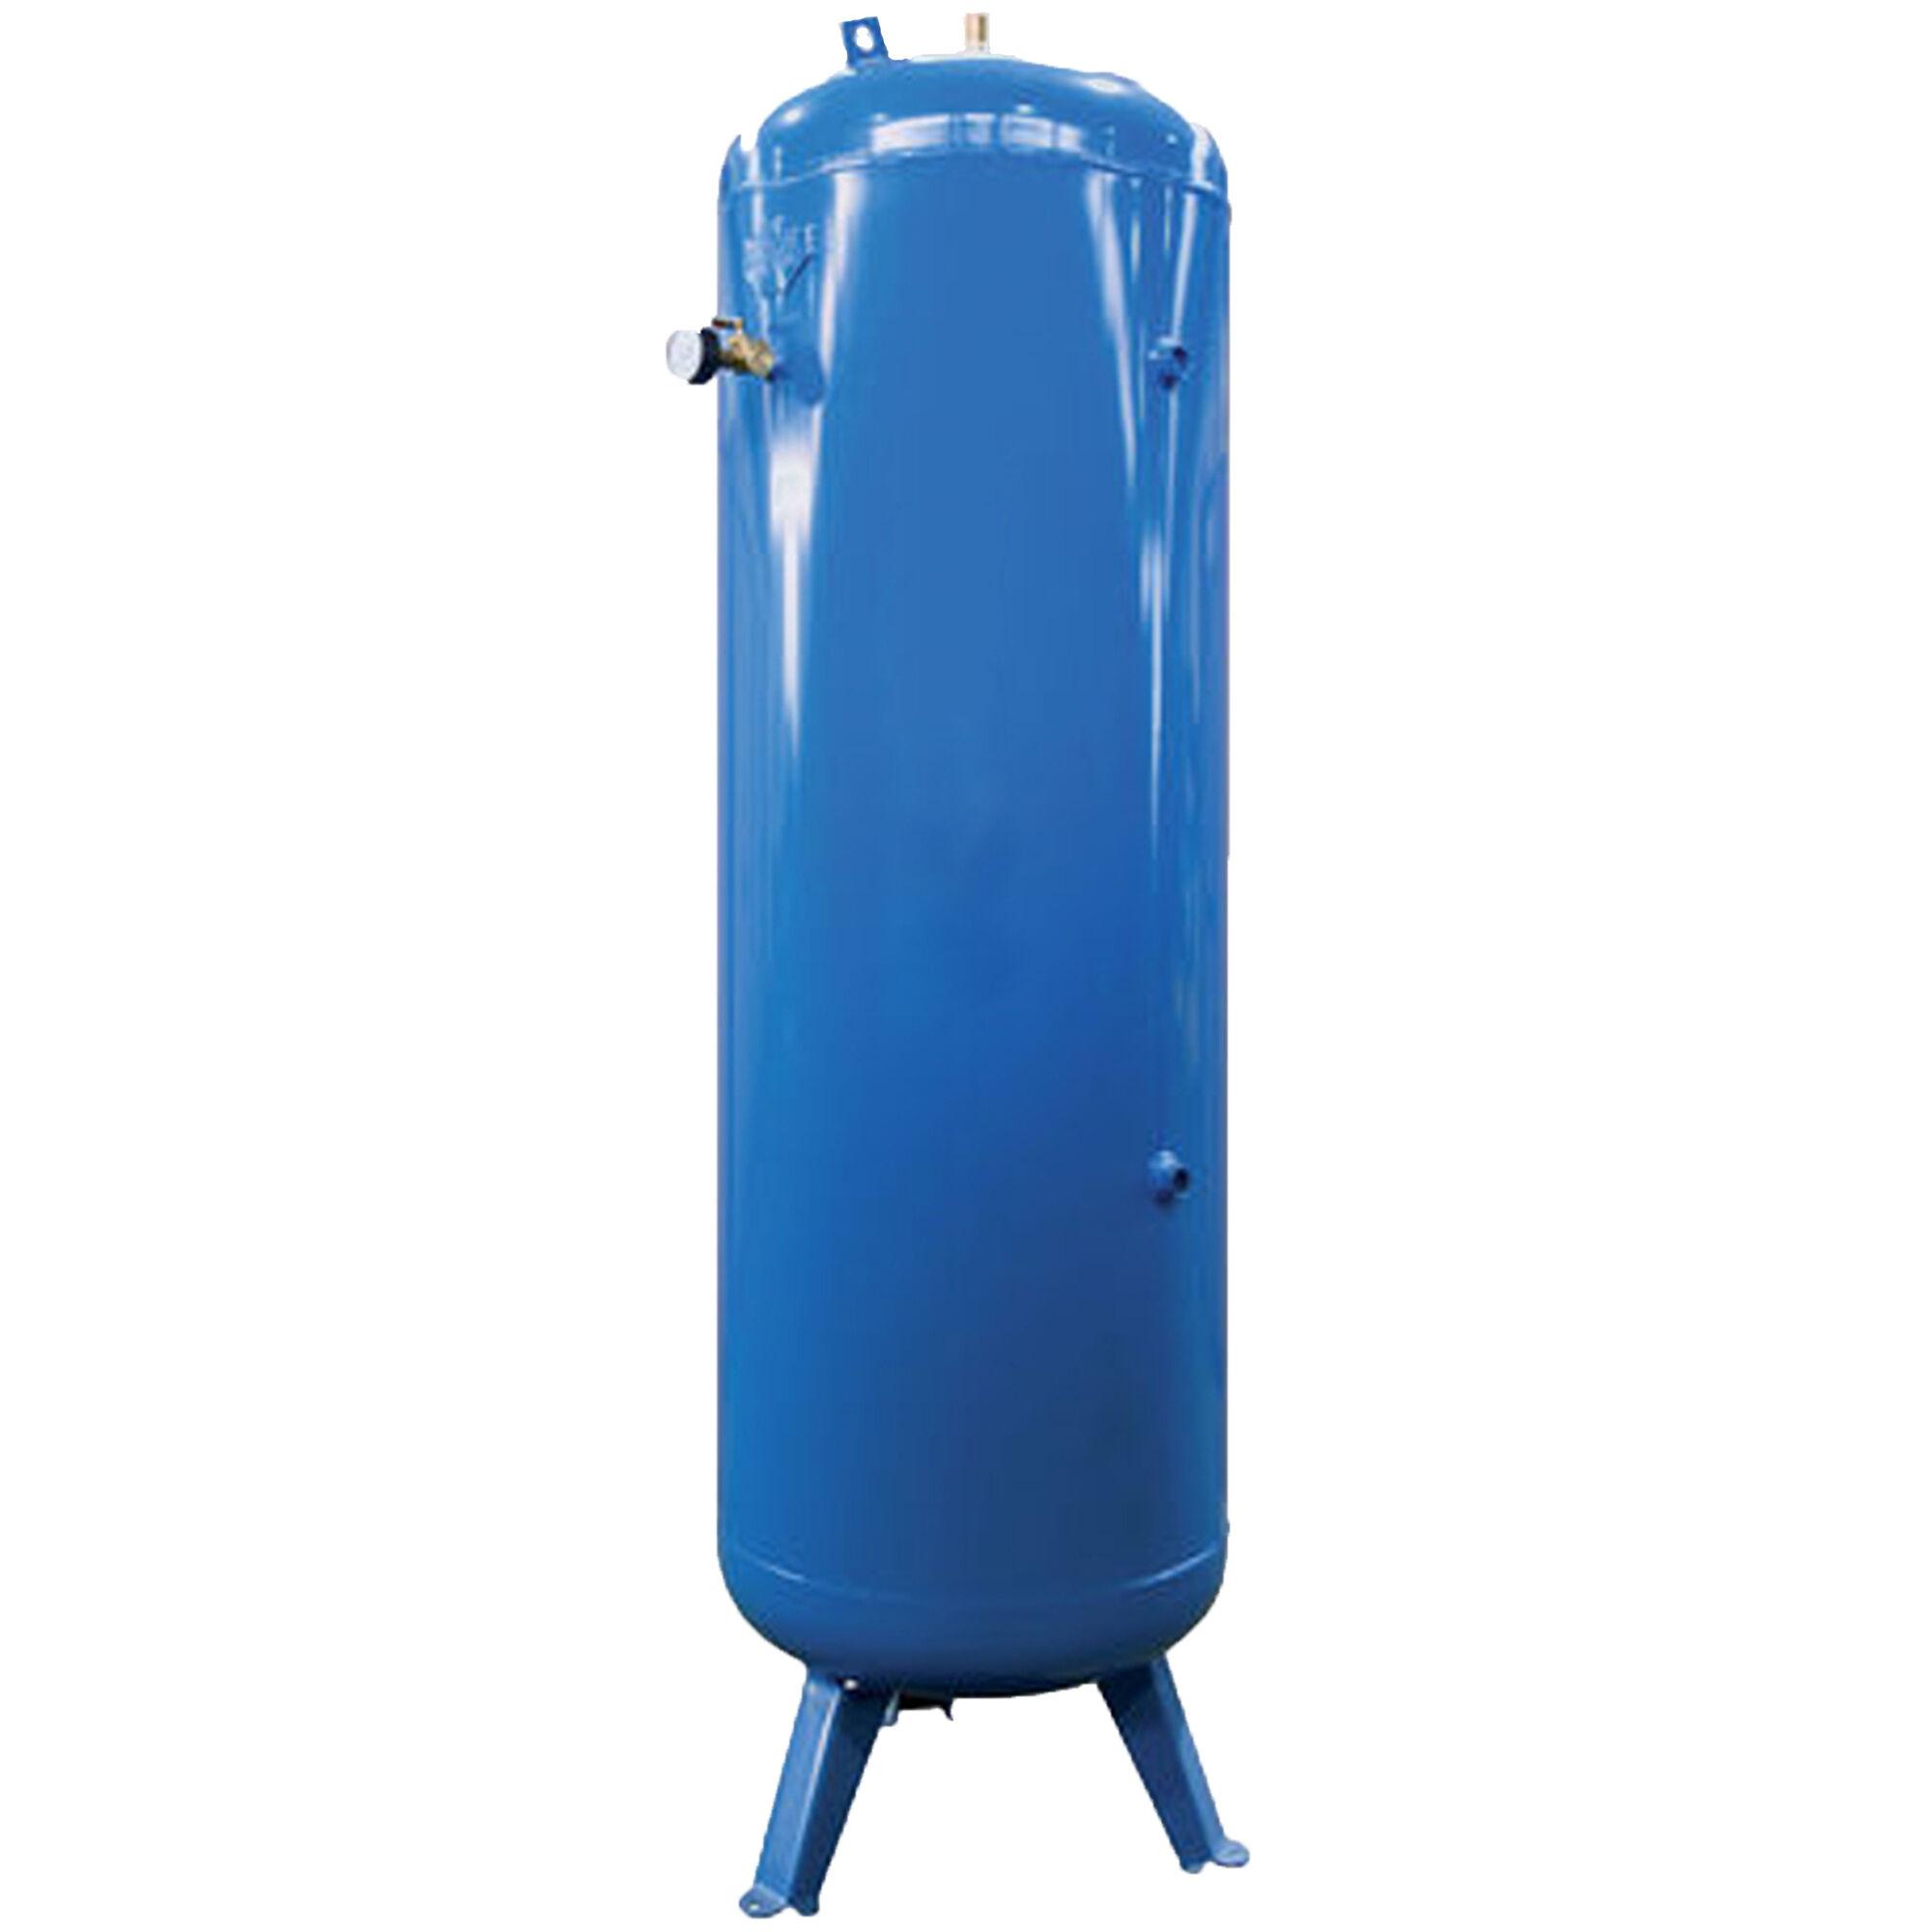 abac serbatoio aria compressa verticale abac 270l